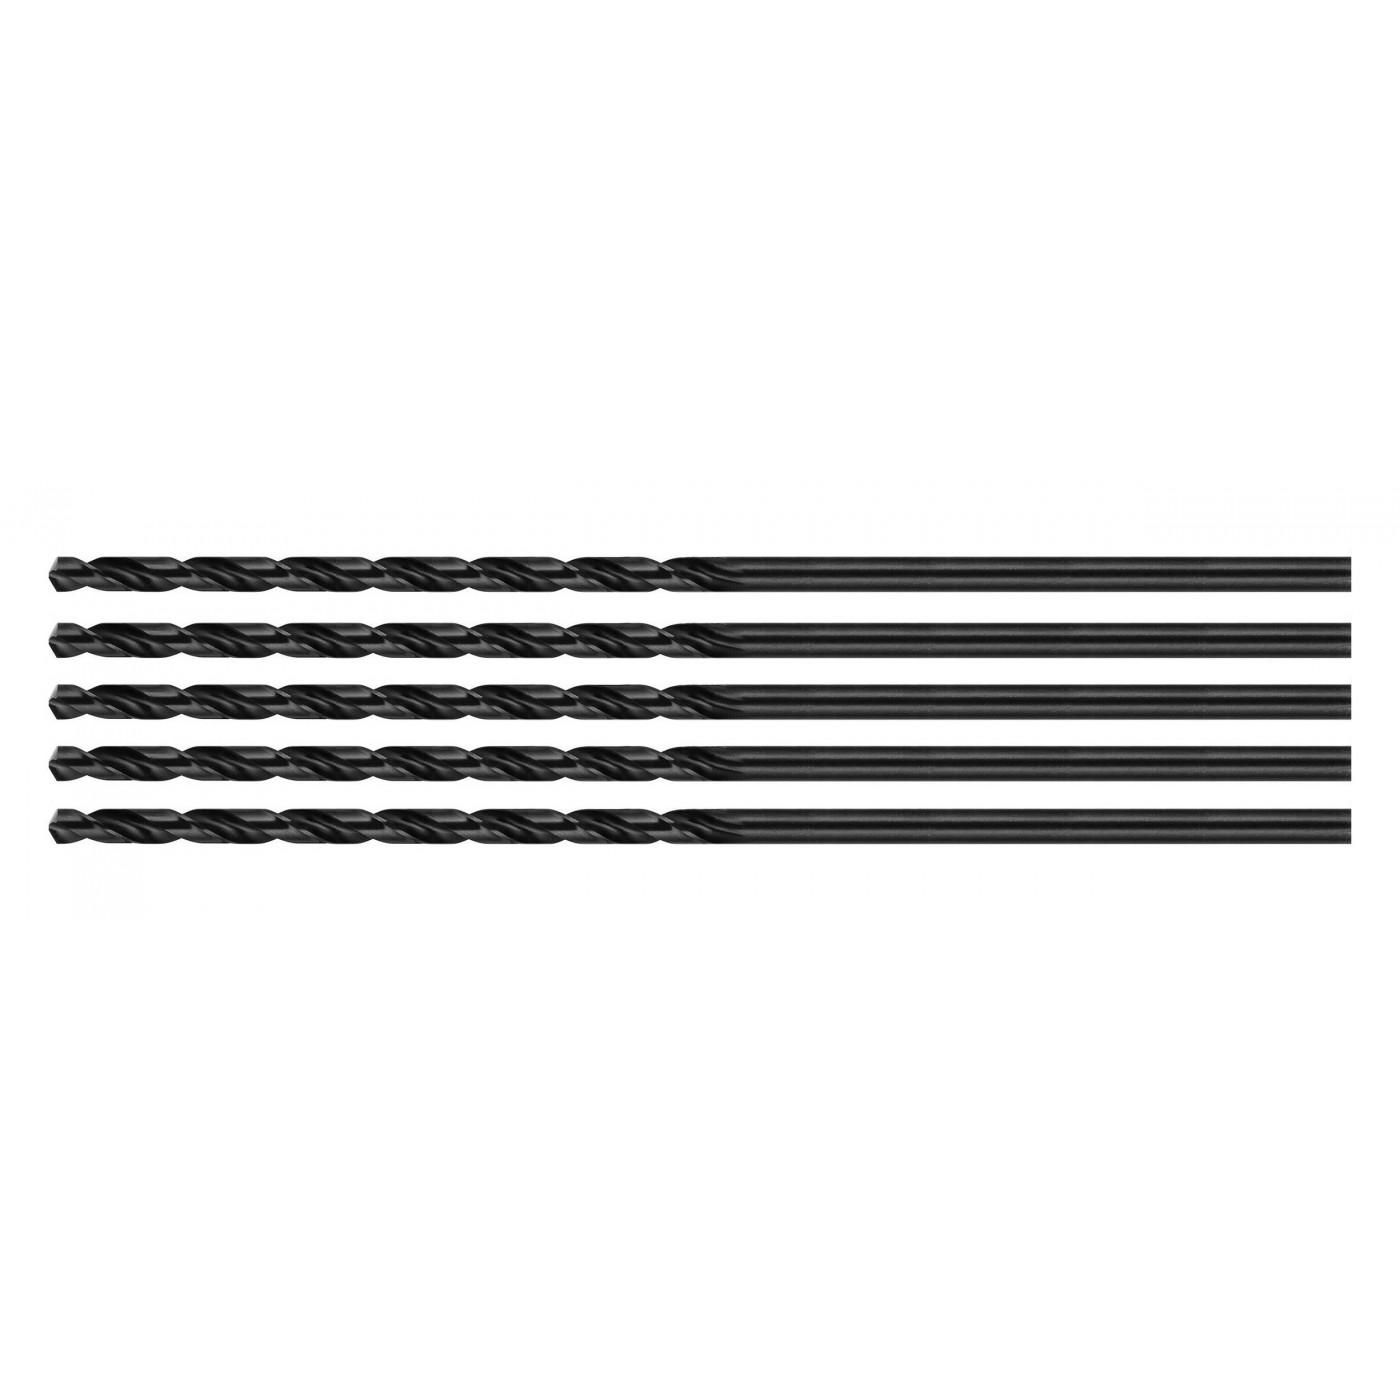 Set van 5 metaalboren, extra lang (4.5x300 mm)  - 1